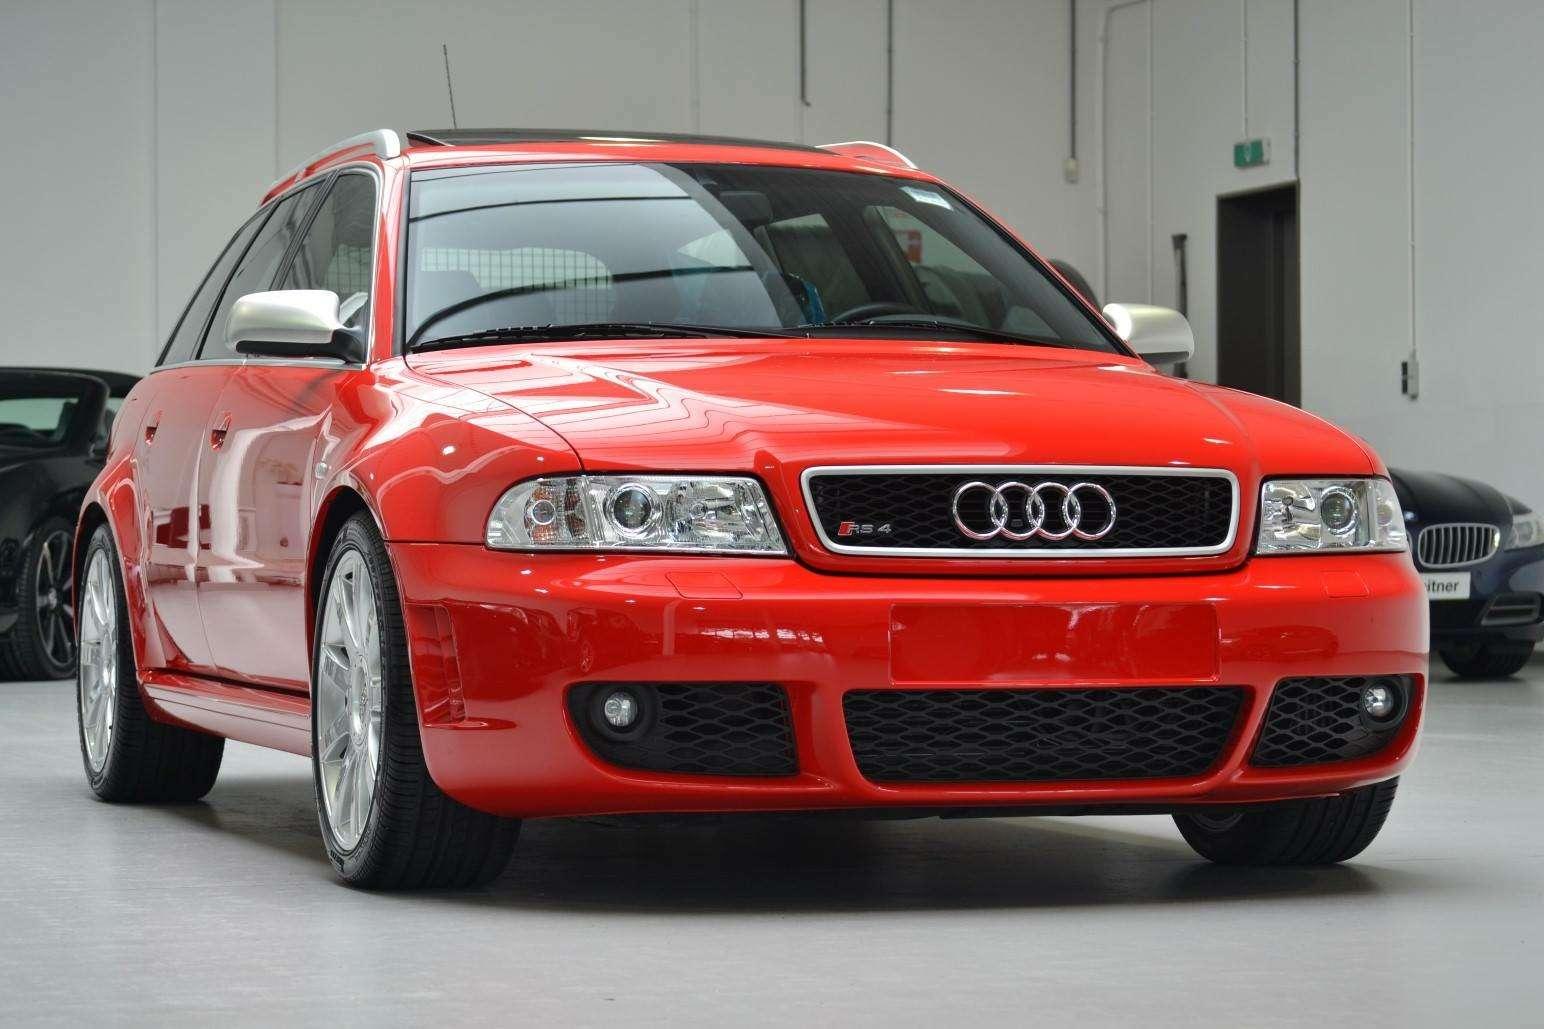 Полцарства залегенду: старый Audi обменяют нанескромные деньги— фото 610605